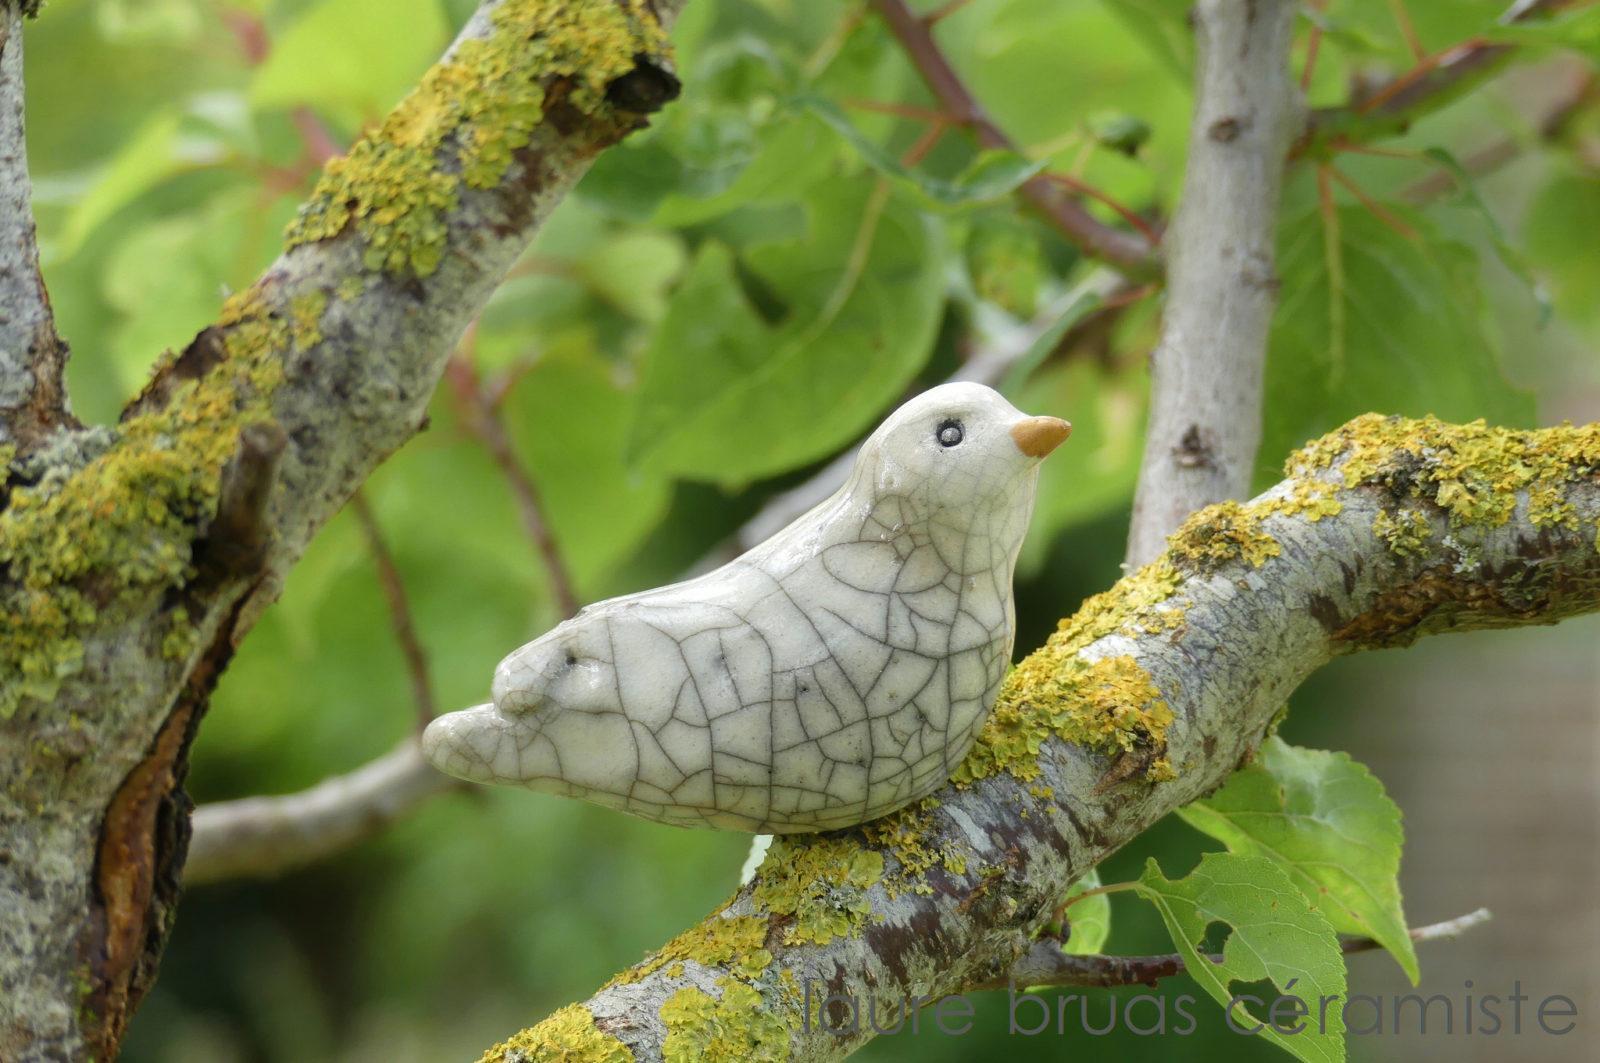 Colombe blanche craquelée en céramique raku posée sur une branche d'arbre